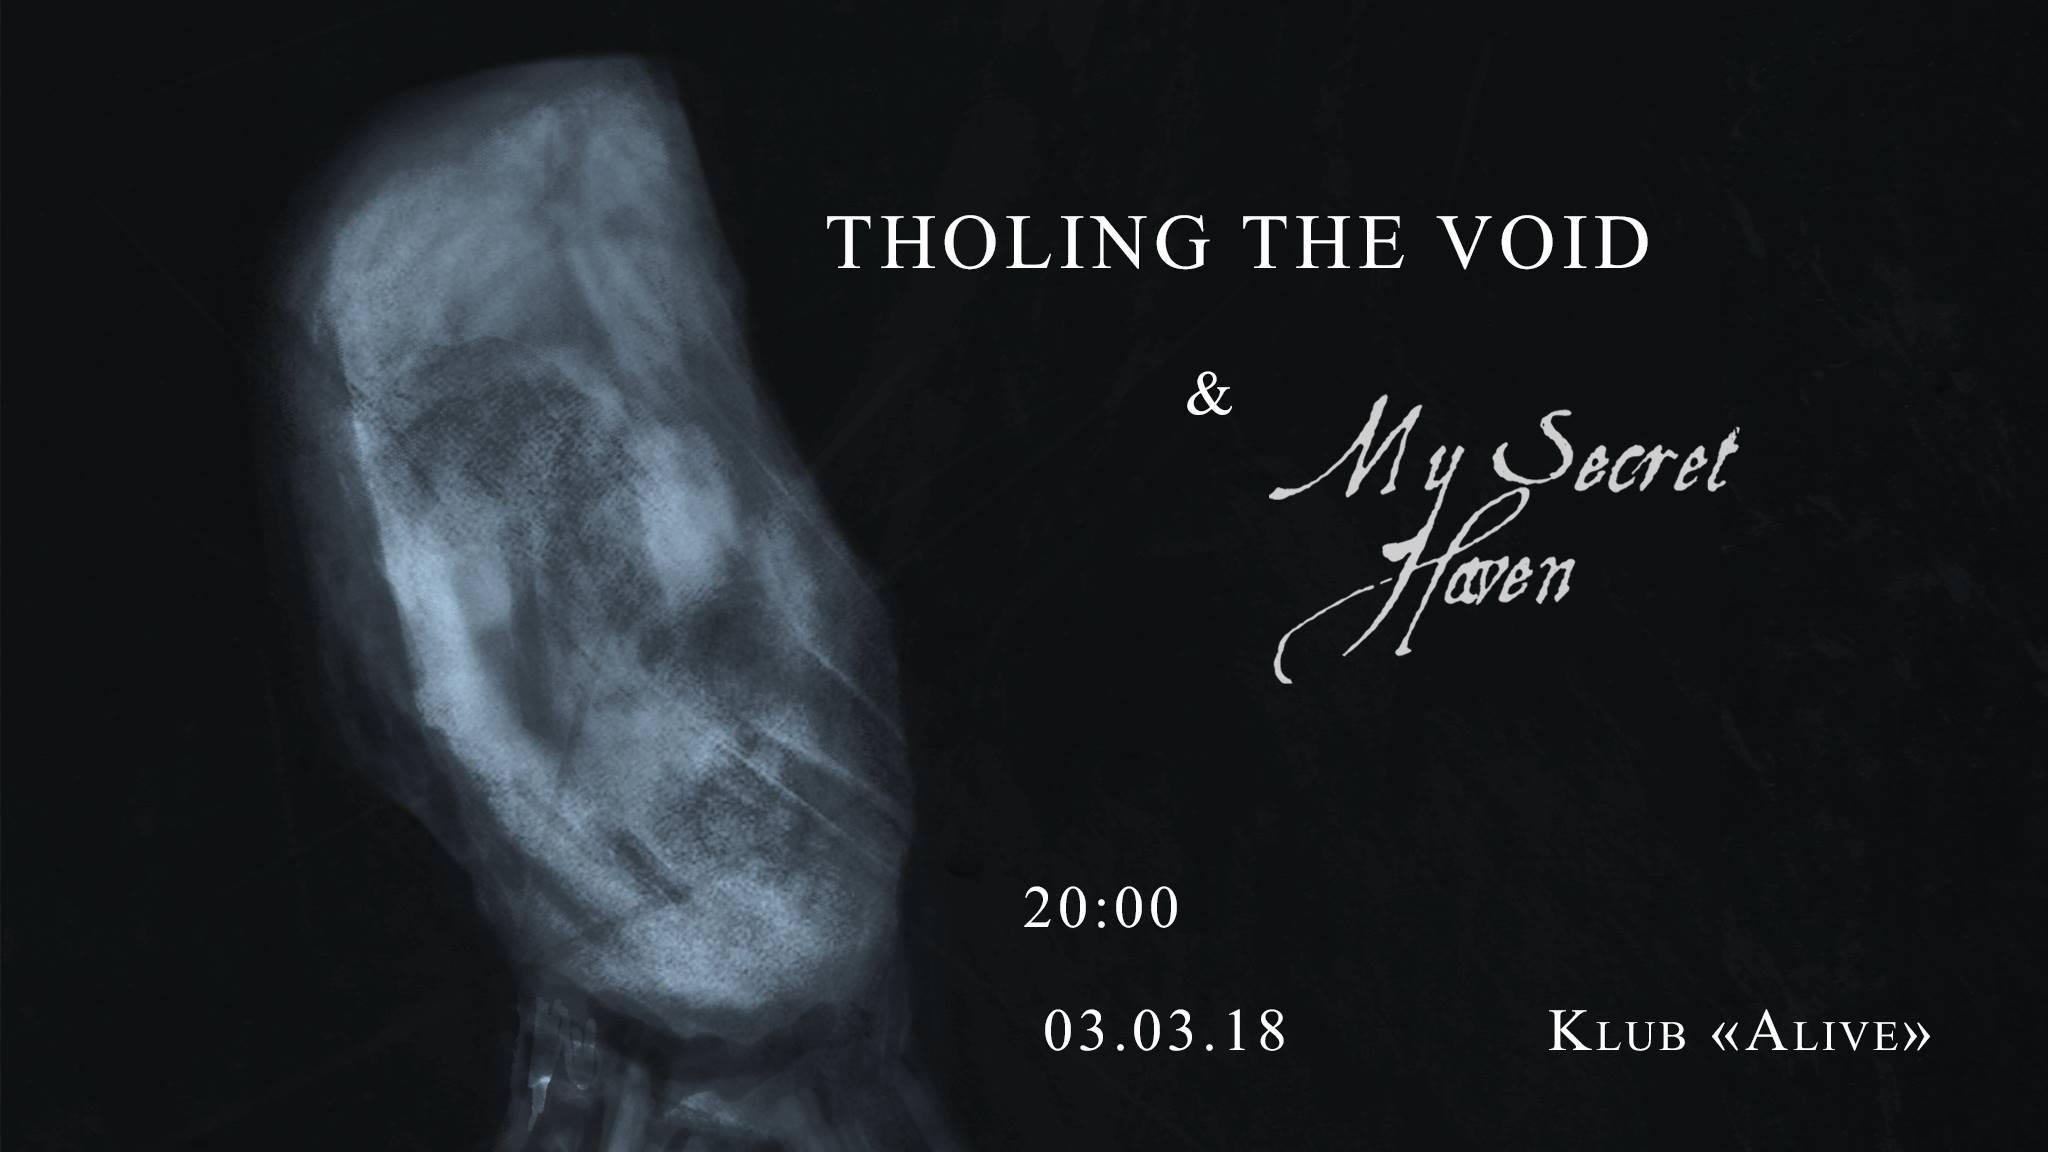 Tholing the Void & My Secret Haven @ Kolejowa 12 | Wrocław | Województwo dolnośląskie | Polska